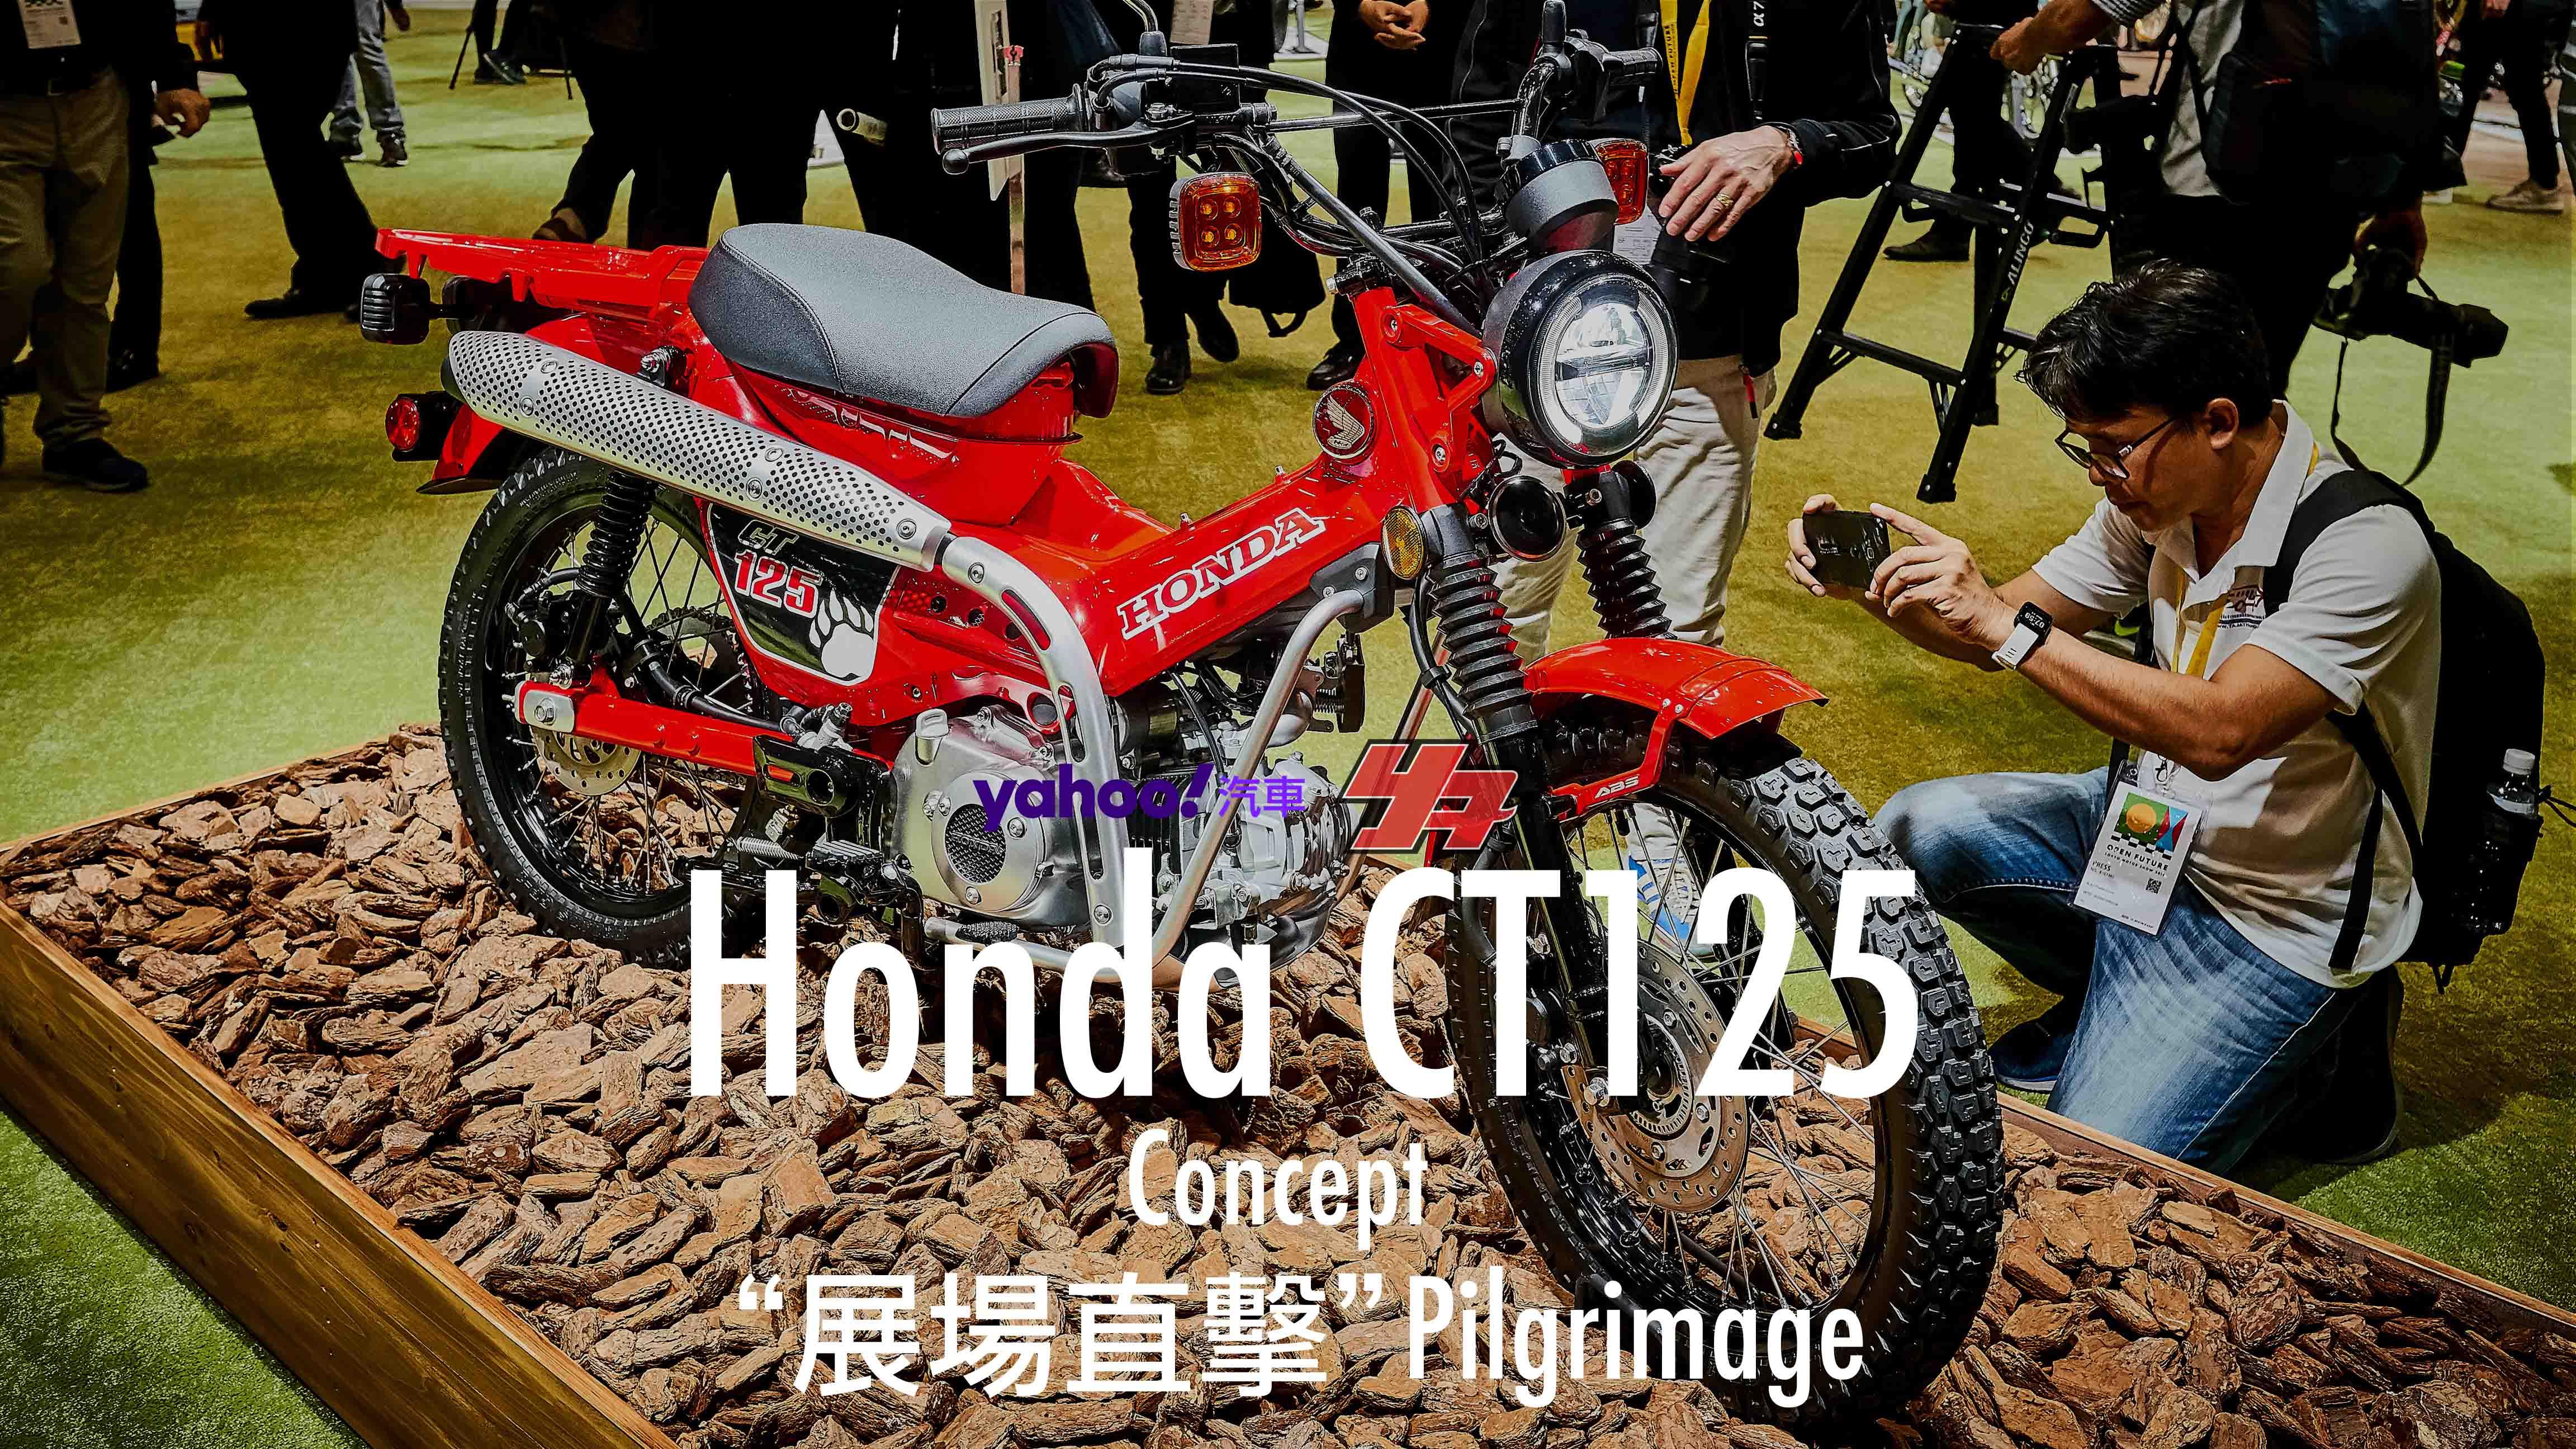 【東京車展直擊】超Scrambler風格復刻獵狼!Honda CT125概念車再現江湖!